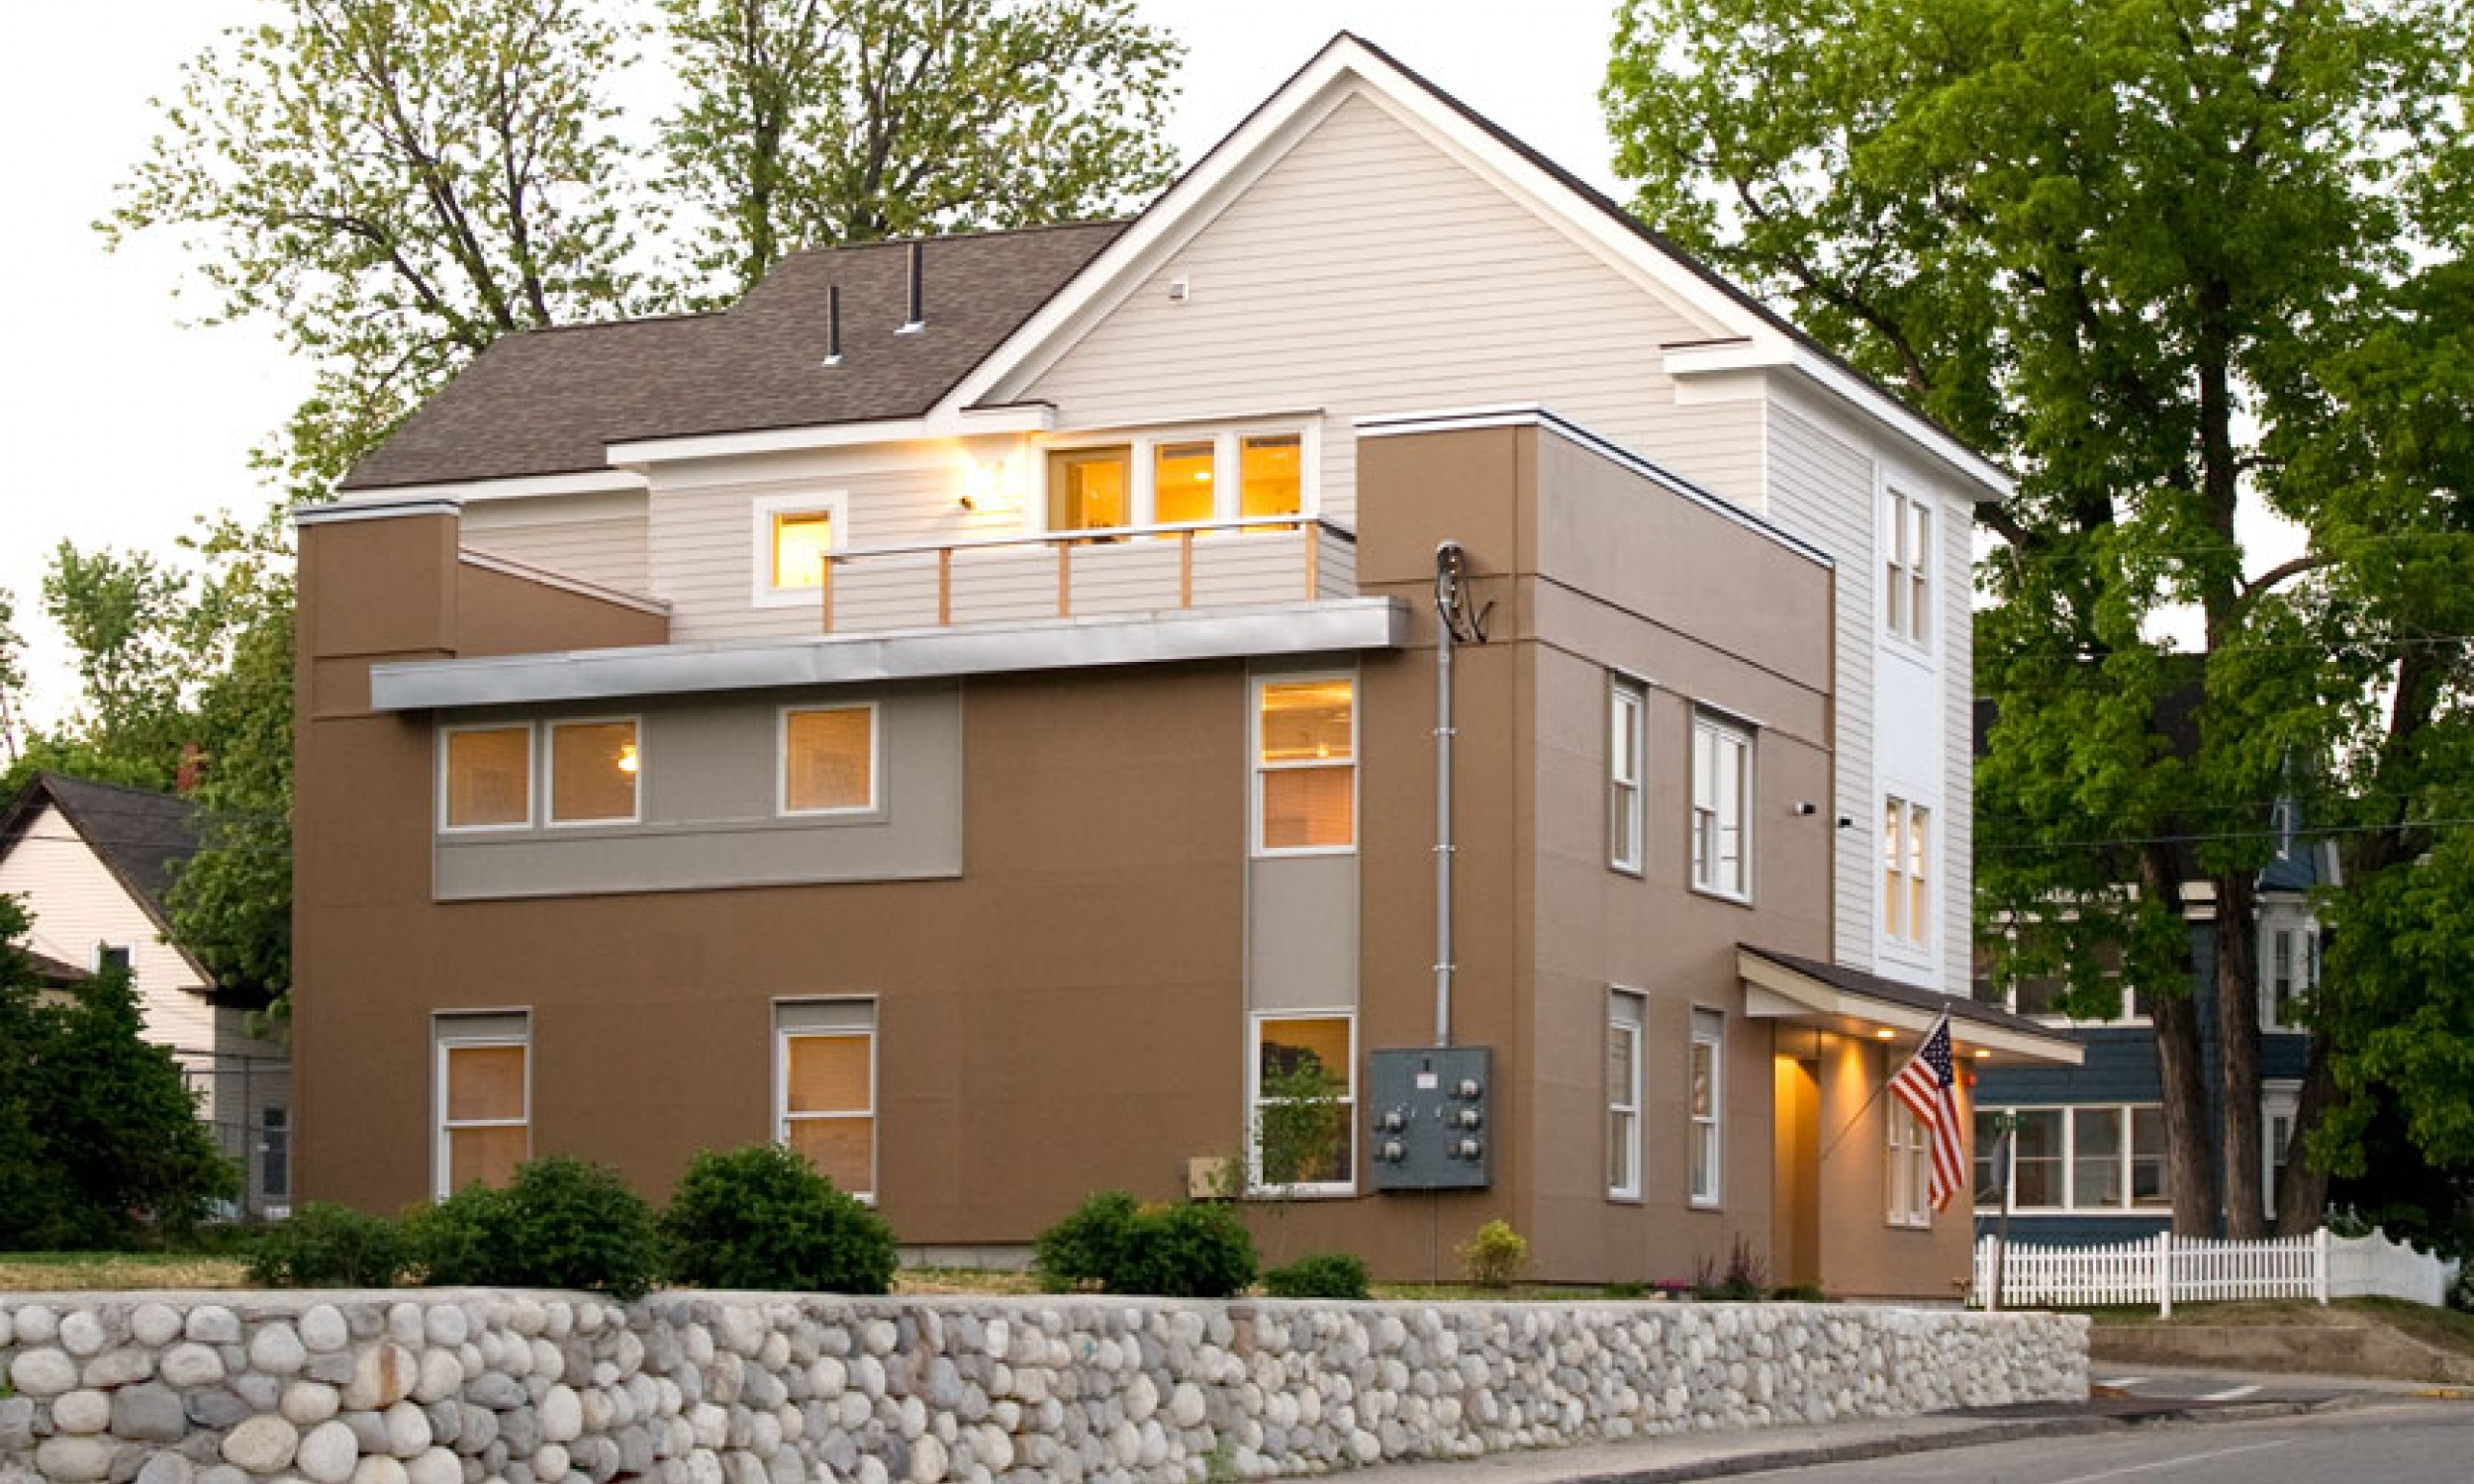 Apartments, Painted plywood, Maine Architect, Hardiplank siding